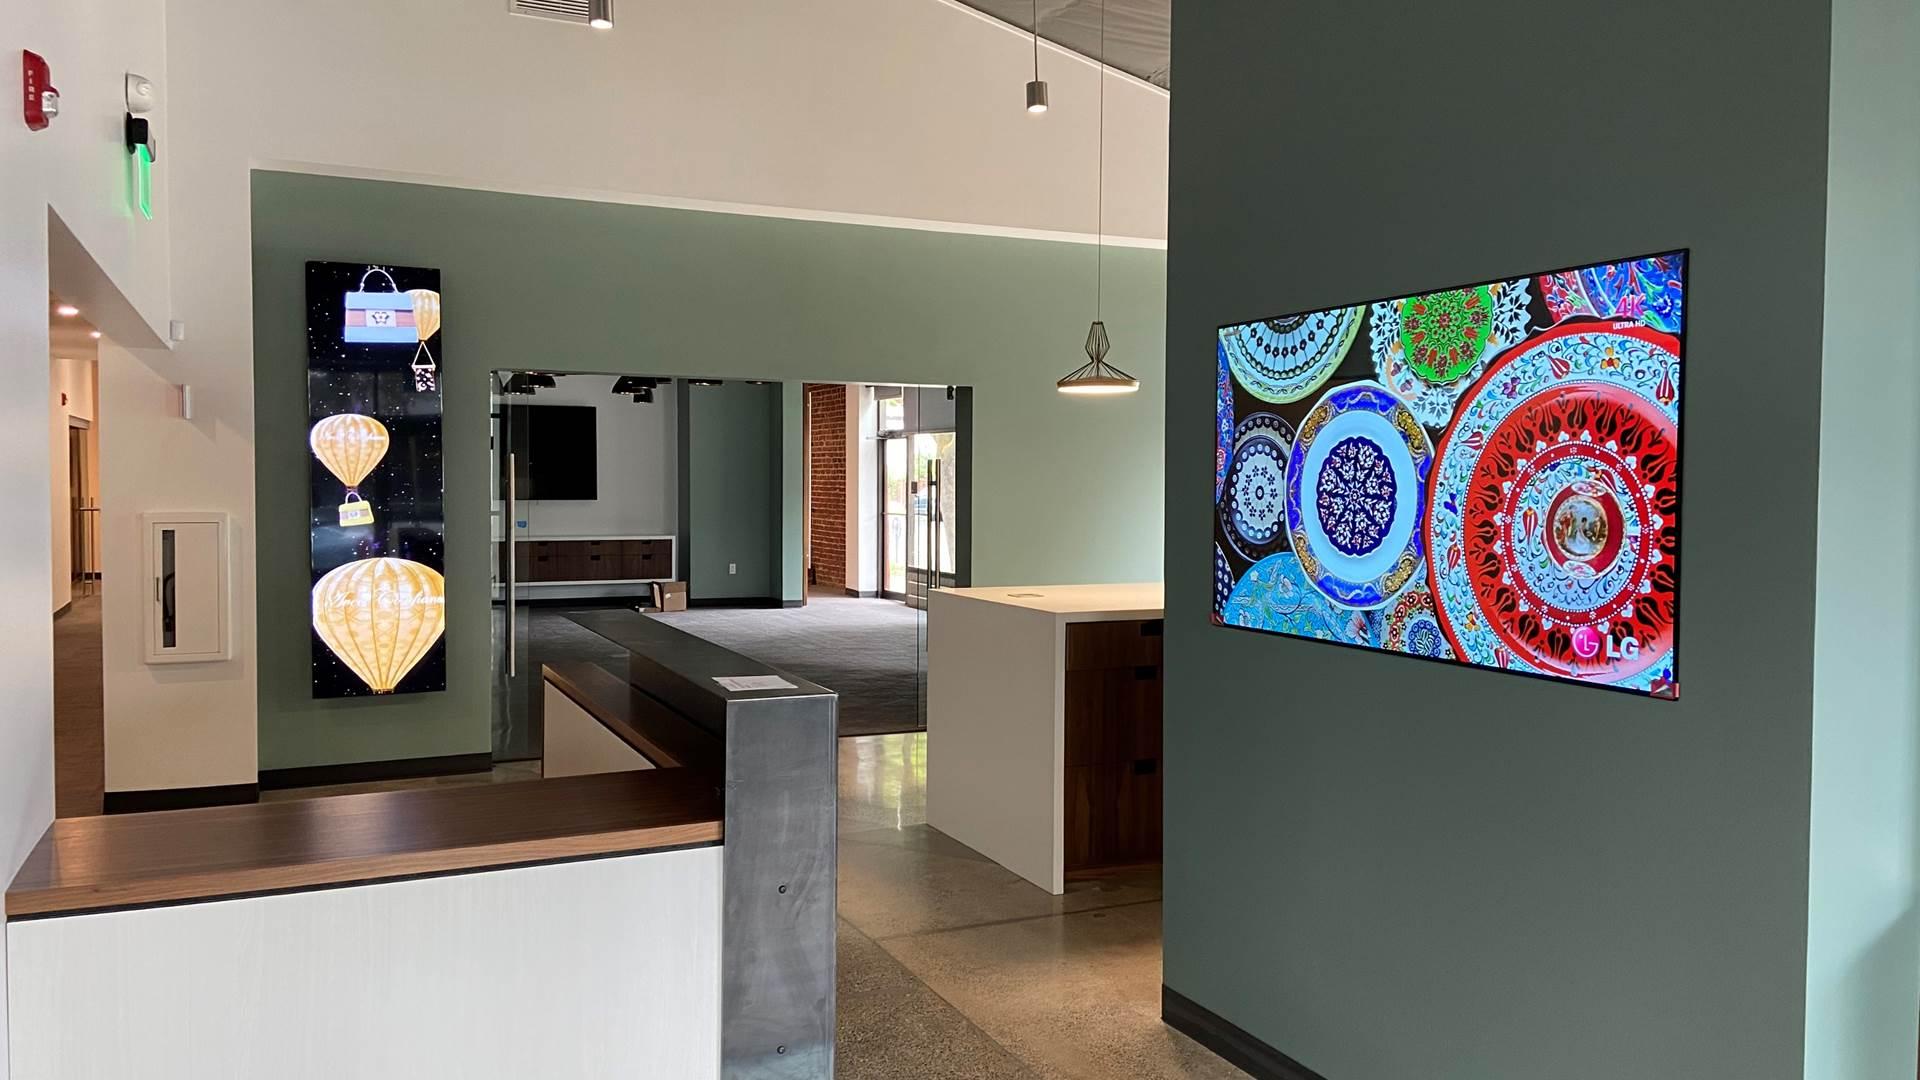 LG premiata dall'American Institute of Architects per l'innovazione dei suoi display professionali